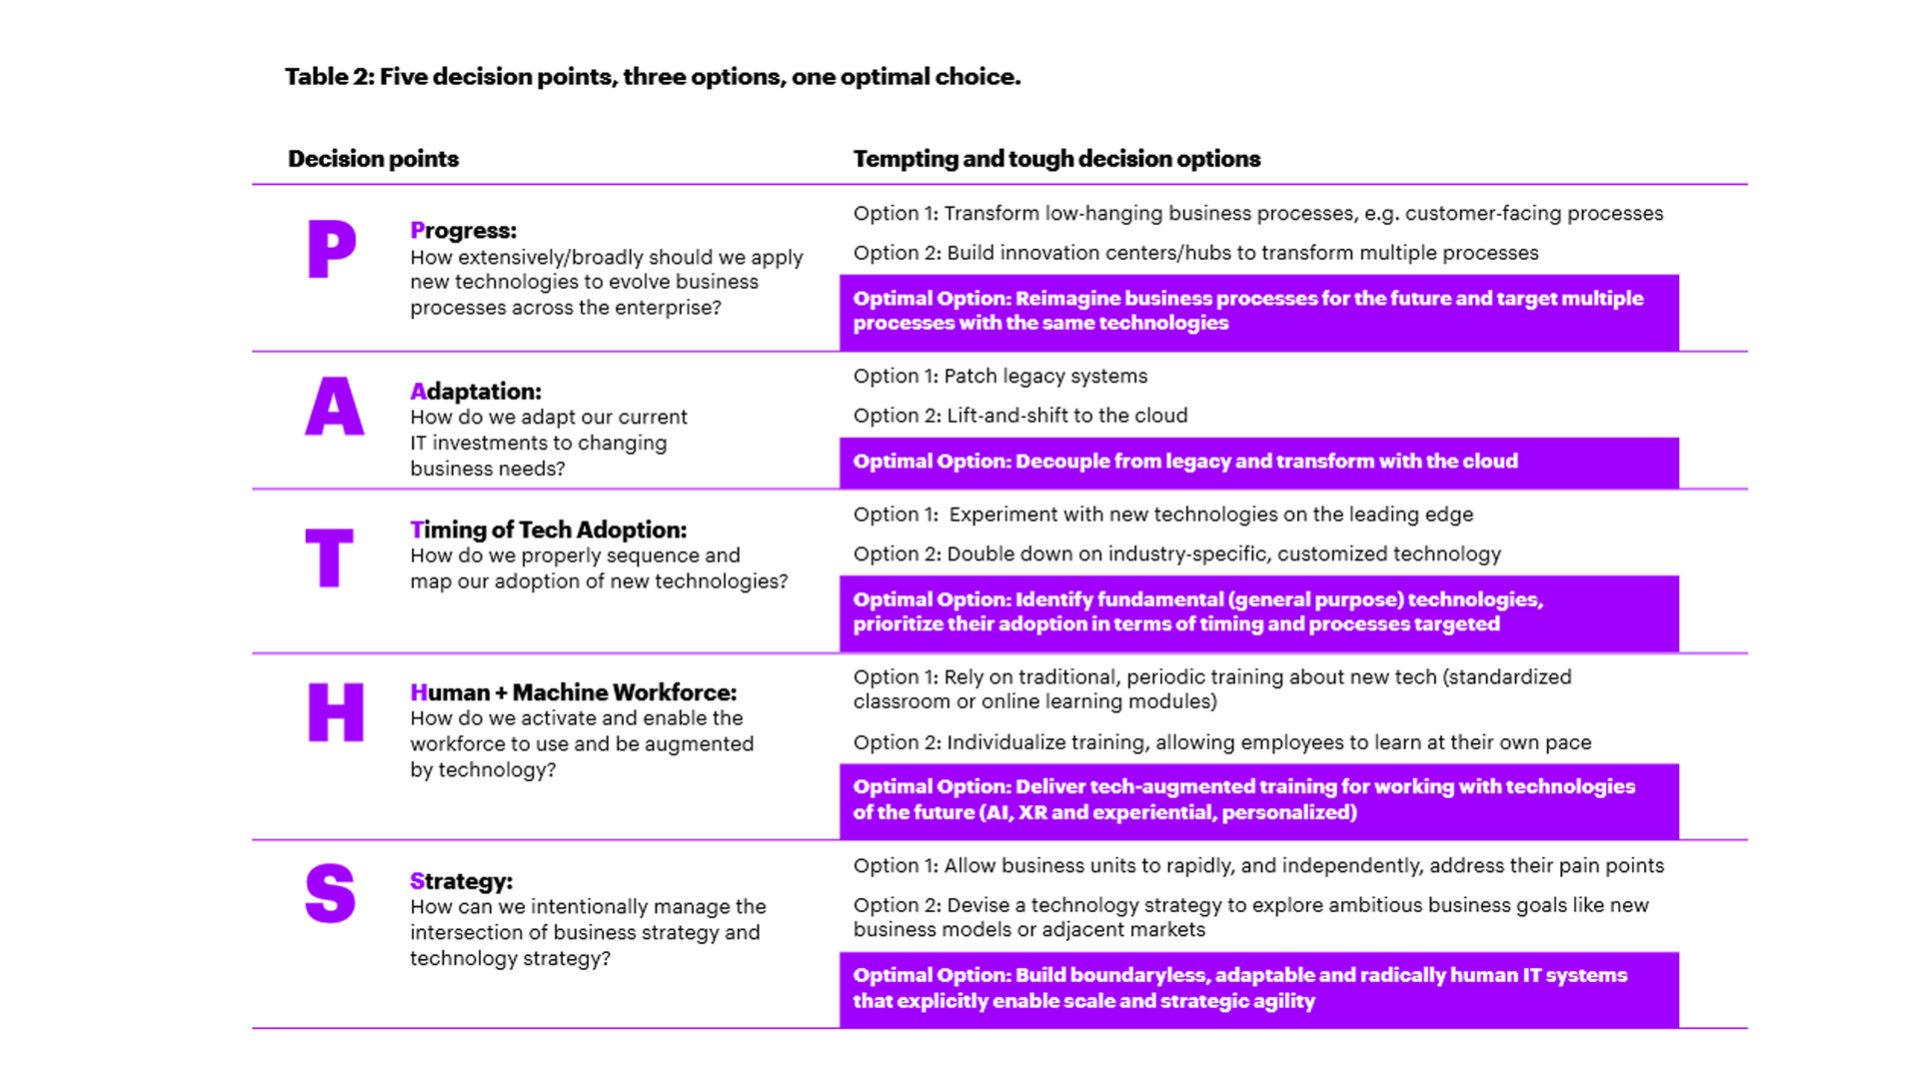 Figura 1 - I cinque fattori su cui si giocano le differenze tra le società leader nell'applicare tecnologie innovative e le altre. Fonte: Accenture, 2020 2